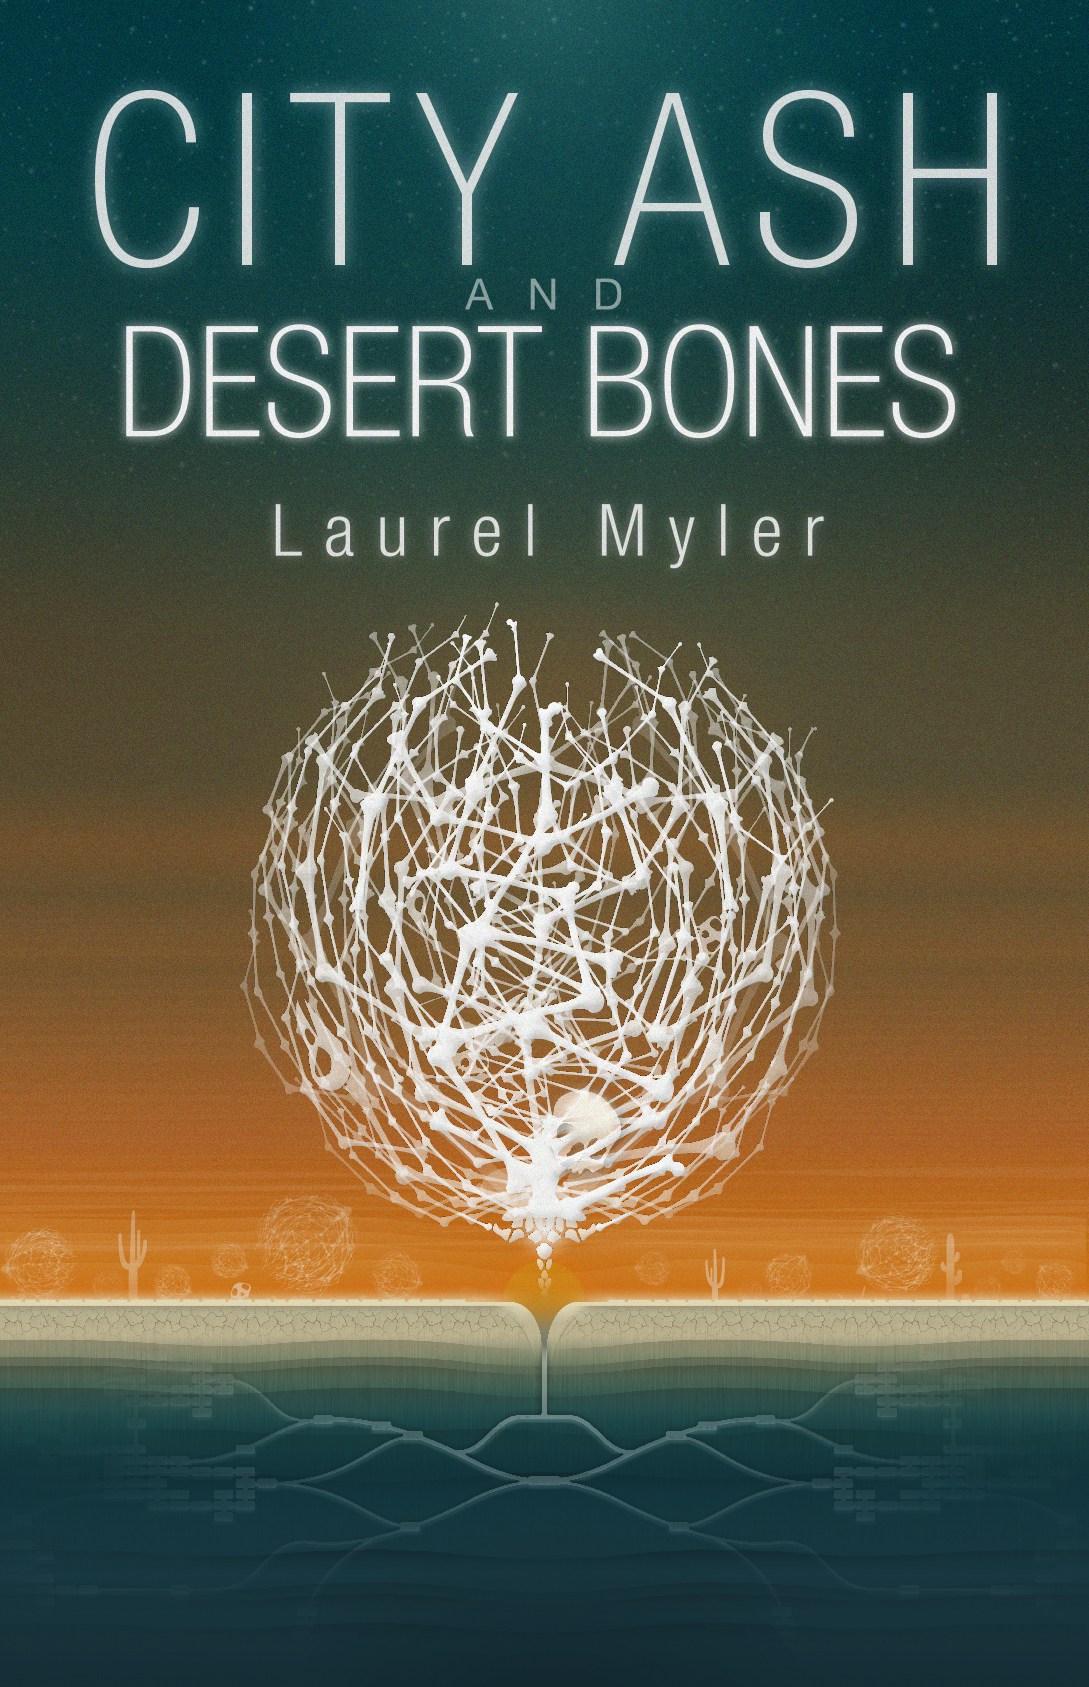 City Ash and Desert Bones cover art